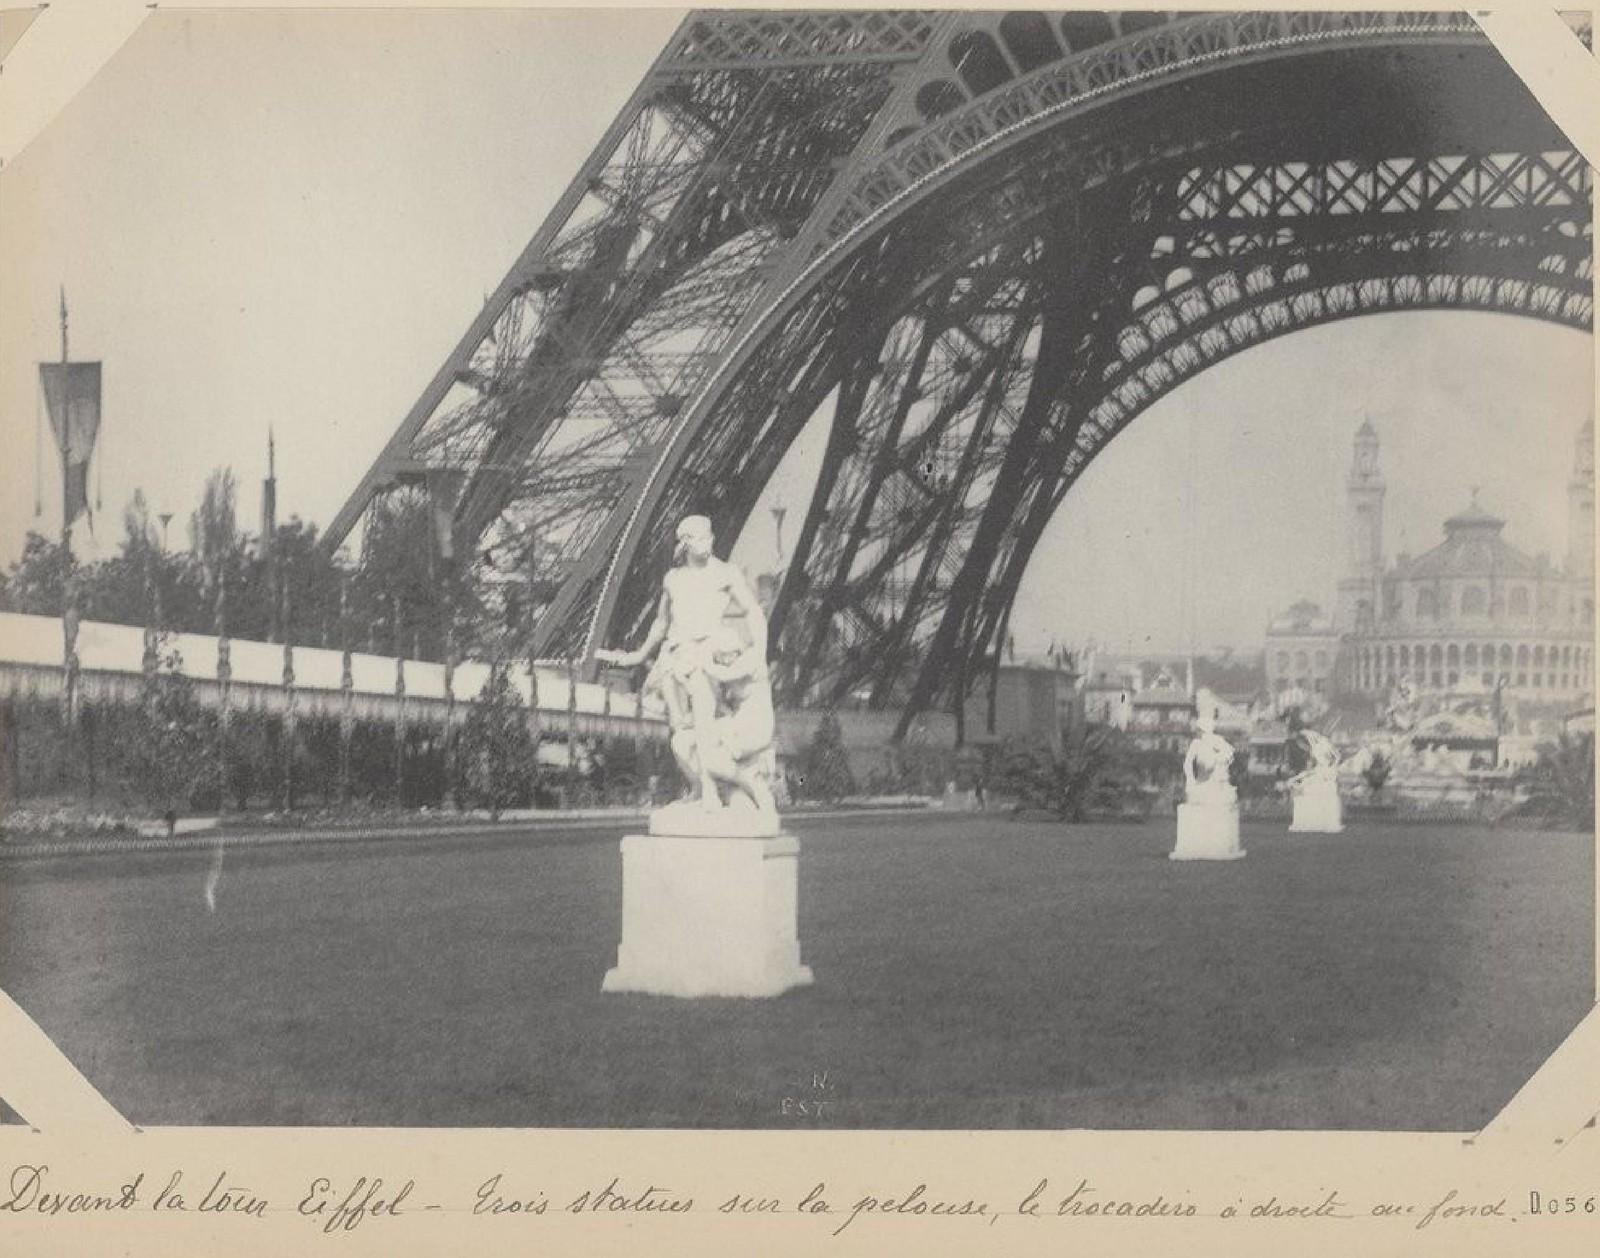 18. 1889. Перед Эйфелевой башней. Три статуи на лужайке, Трокадеро справа на заднем плане